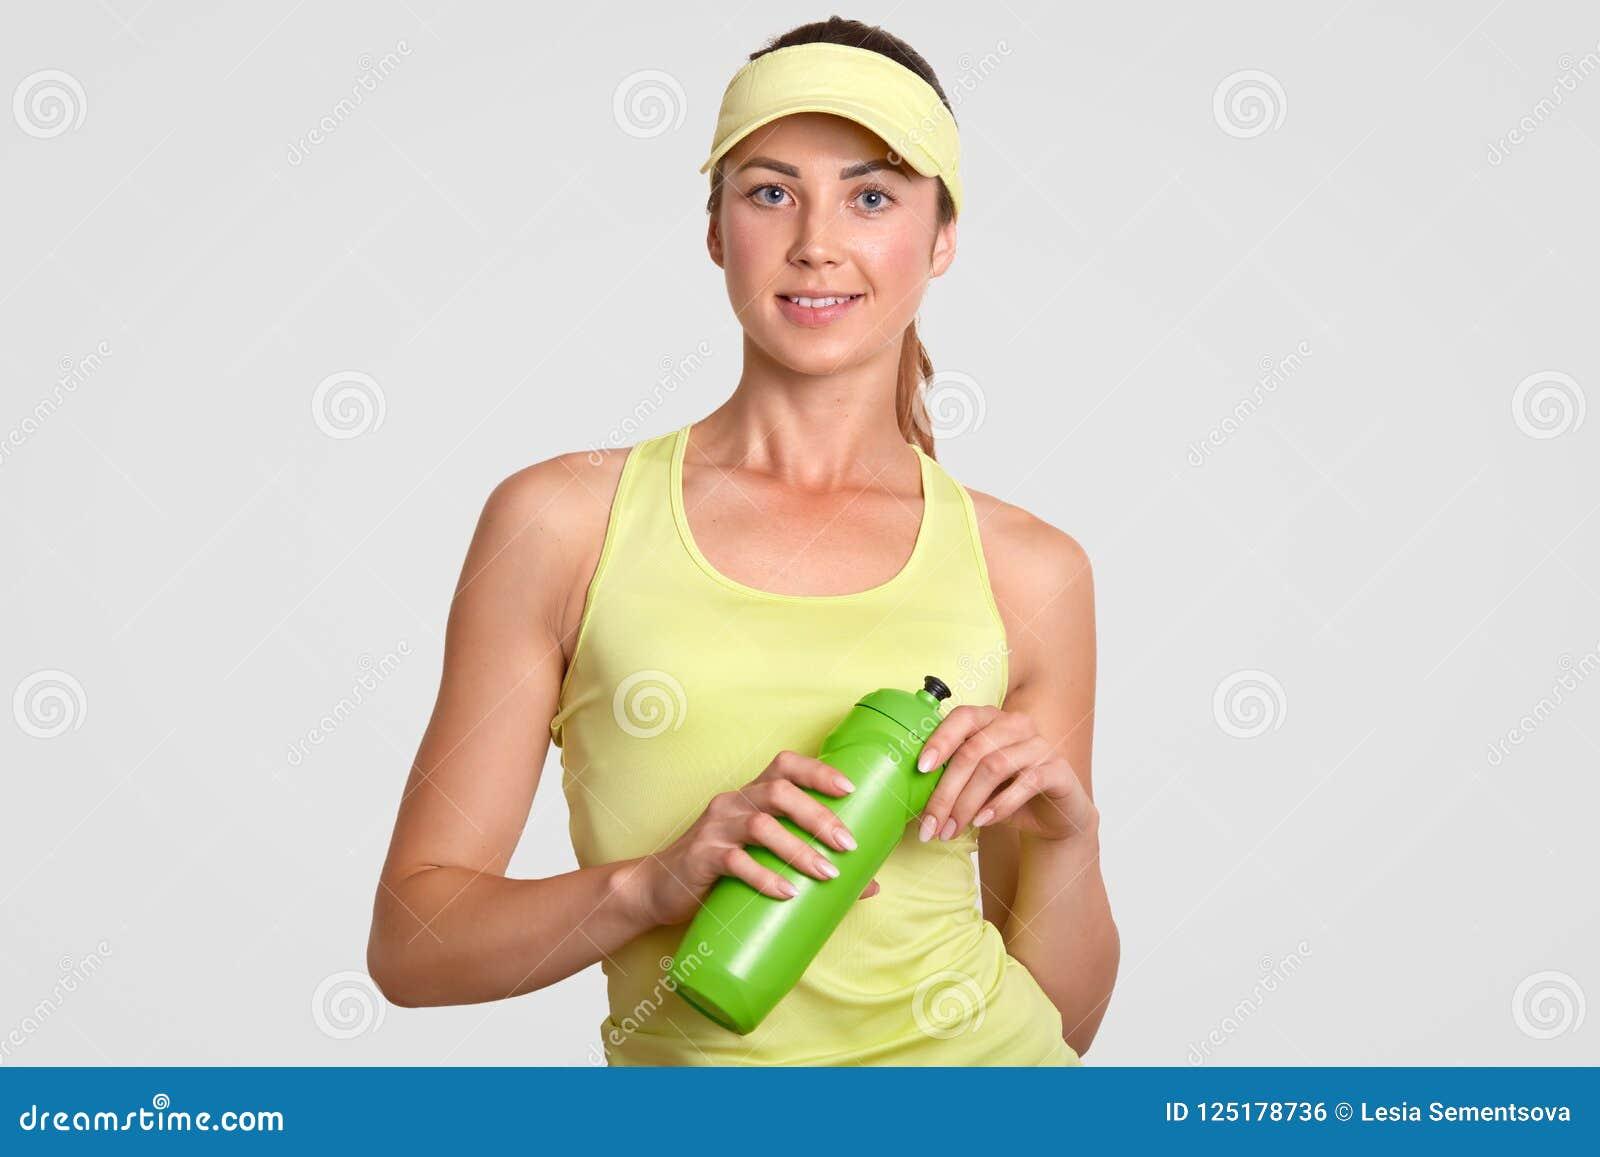 Las tomas activas hermosas sedientas de la mujer se rompen después de jugar al tenis, vestido en ropa de deportes casual, botella